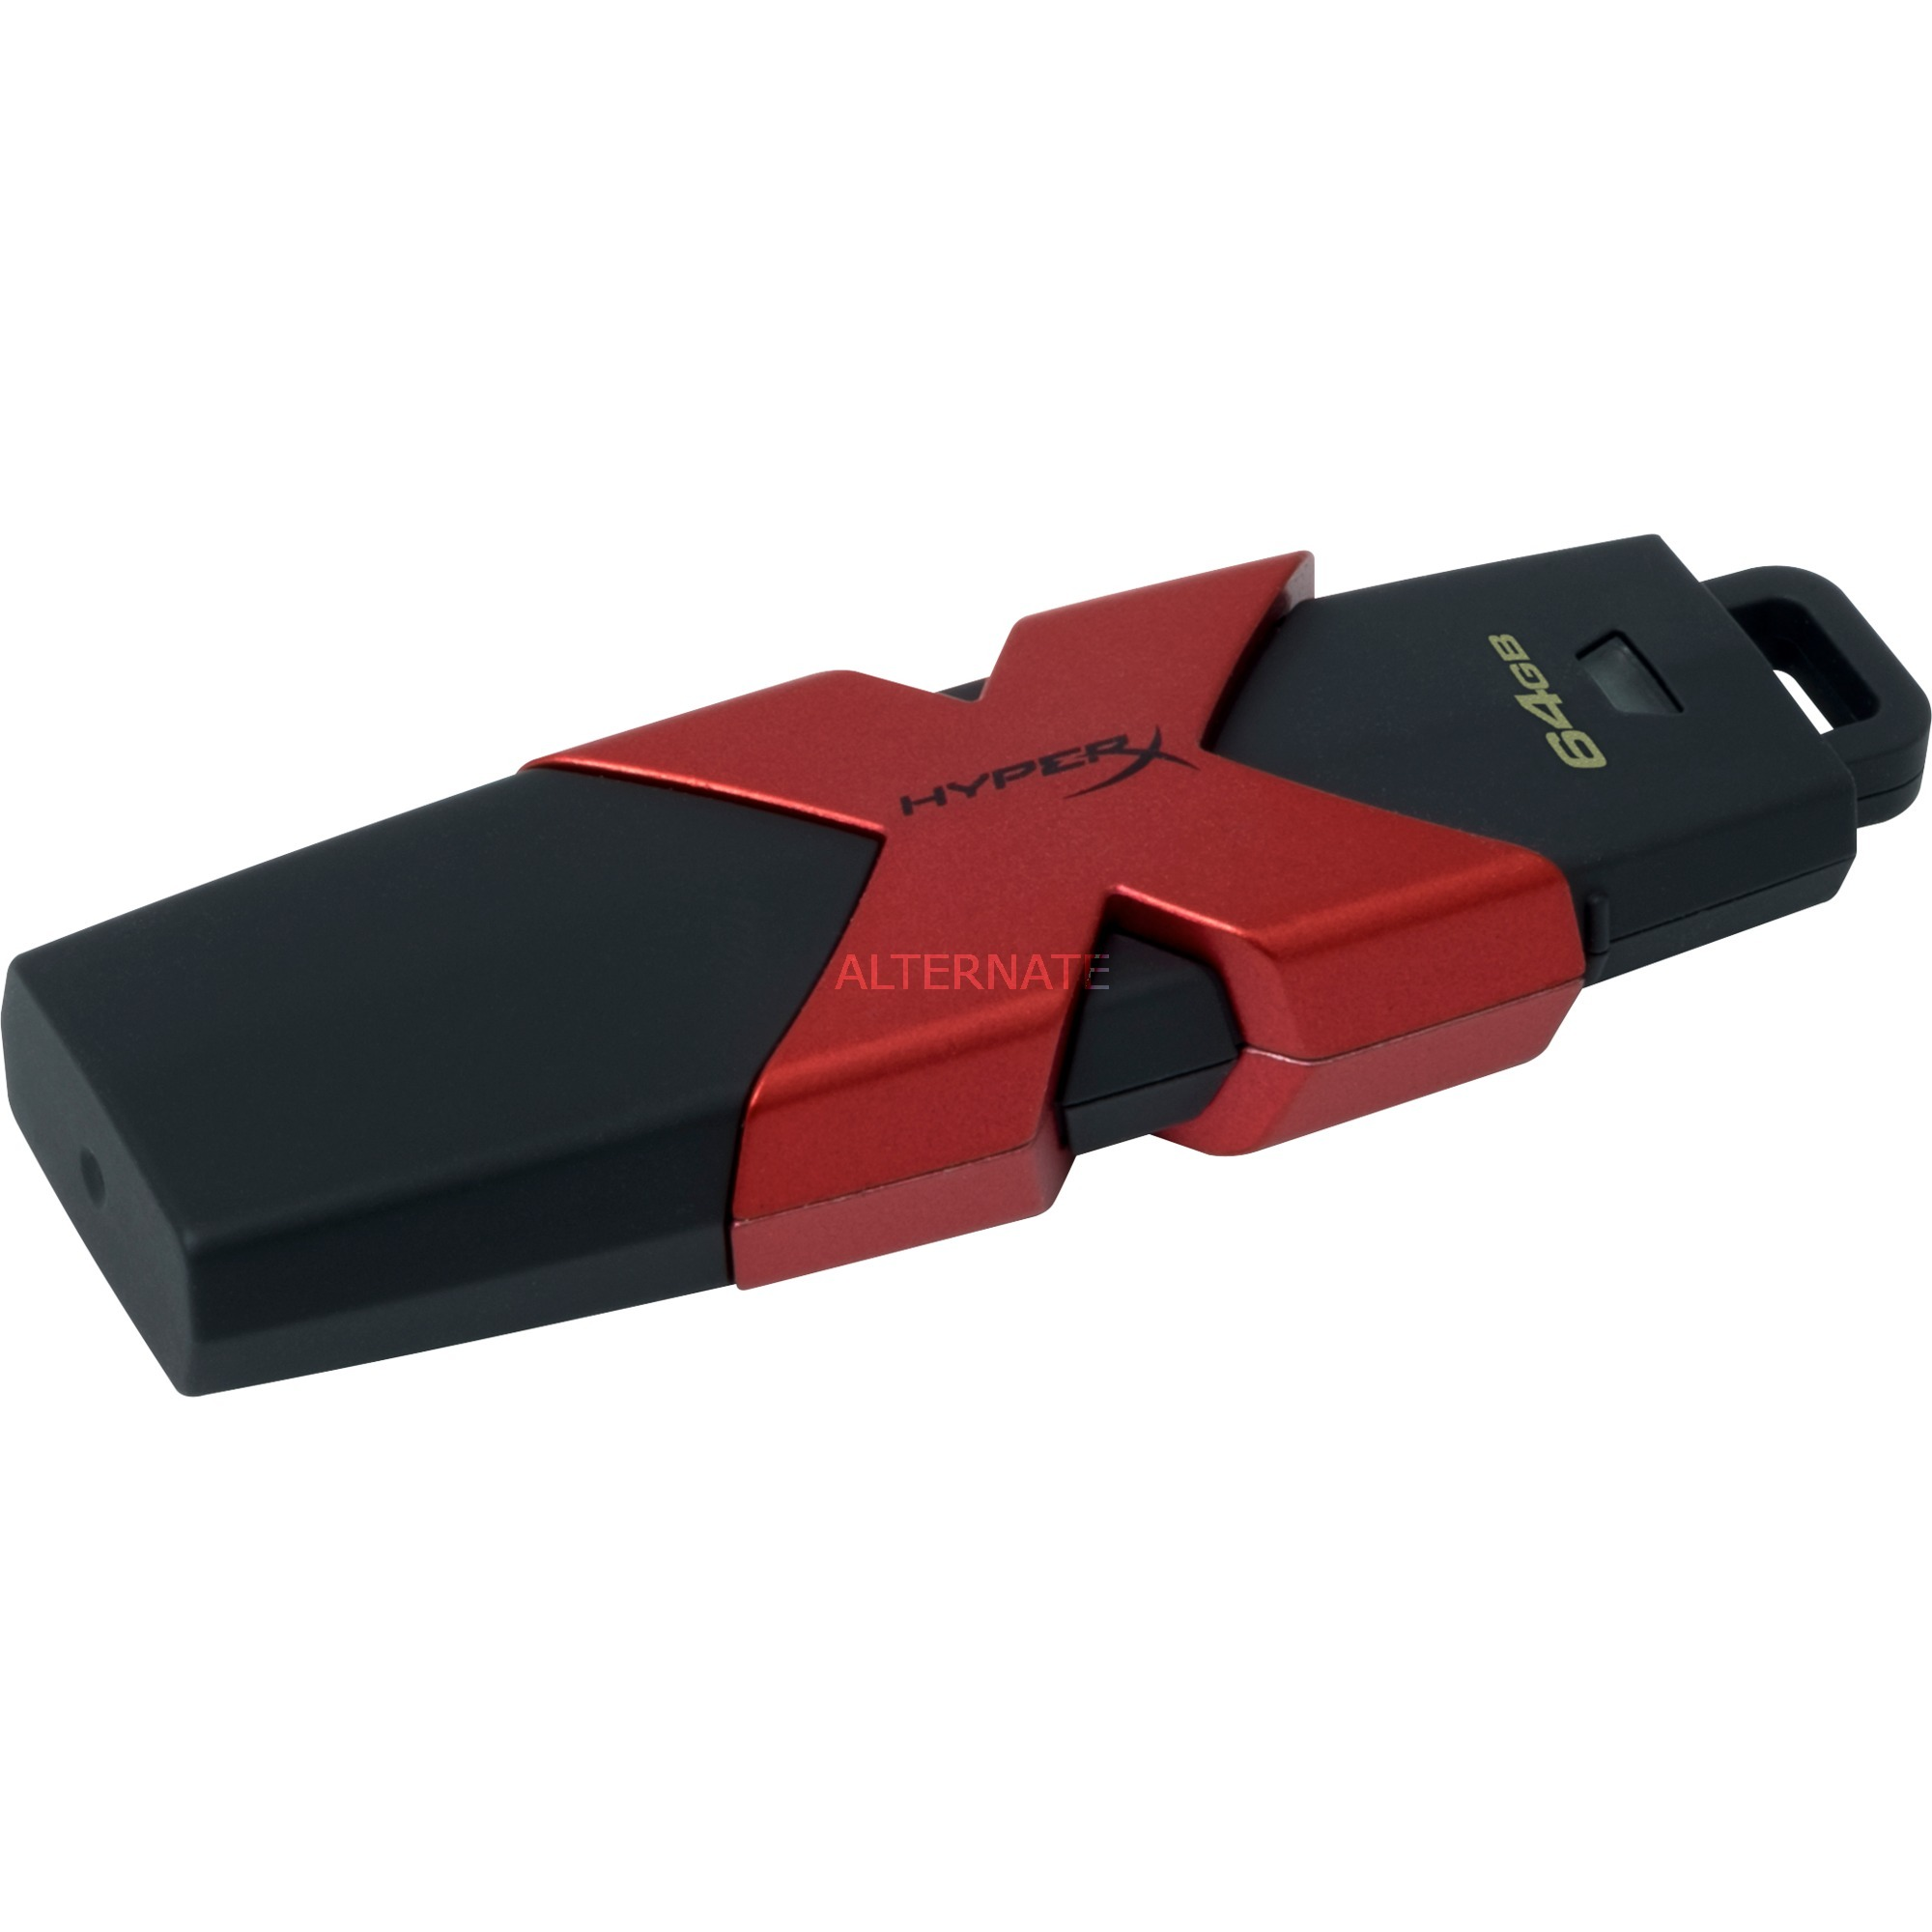 64GB unidad flash USB 3.0 (3.1 Gen 1) Conector USB Tipo A Negro, Rojo, Lápiz USB